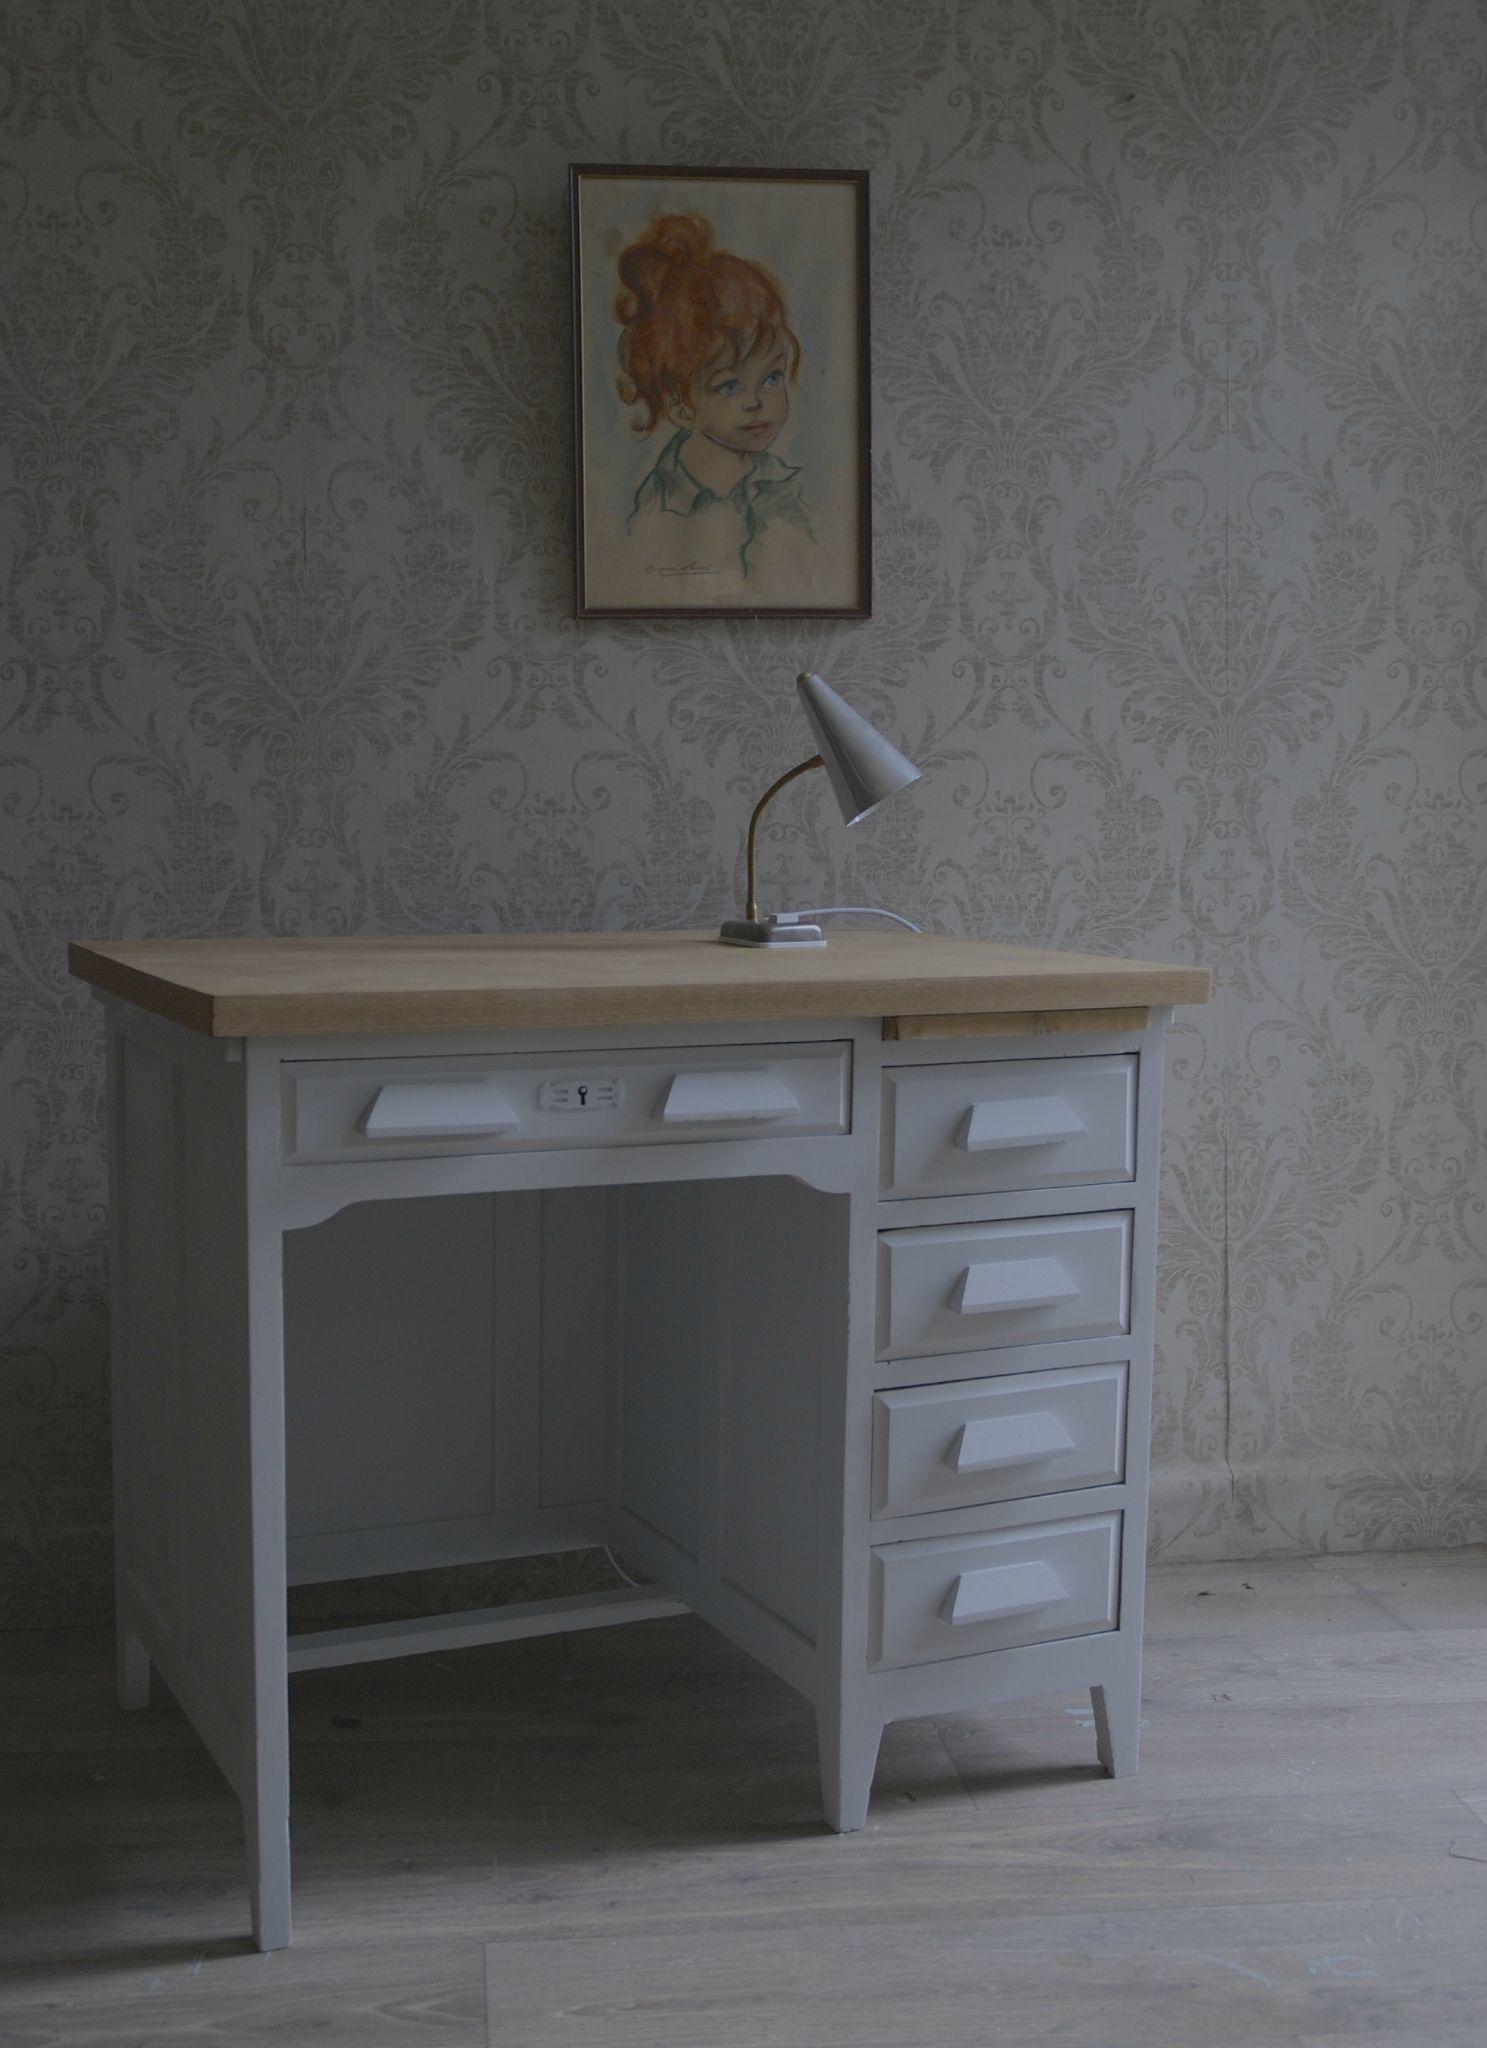 Bureau De Comptable Gris Clair Vendu Atelier Vintage Mobilier De Salon Relooker Bureau Relooking Bureau